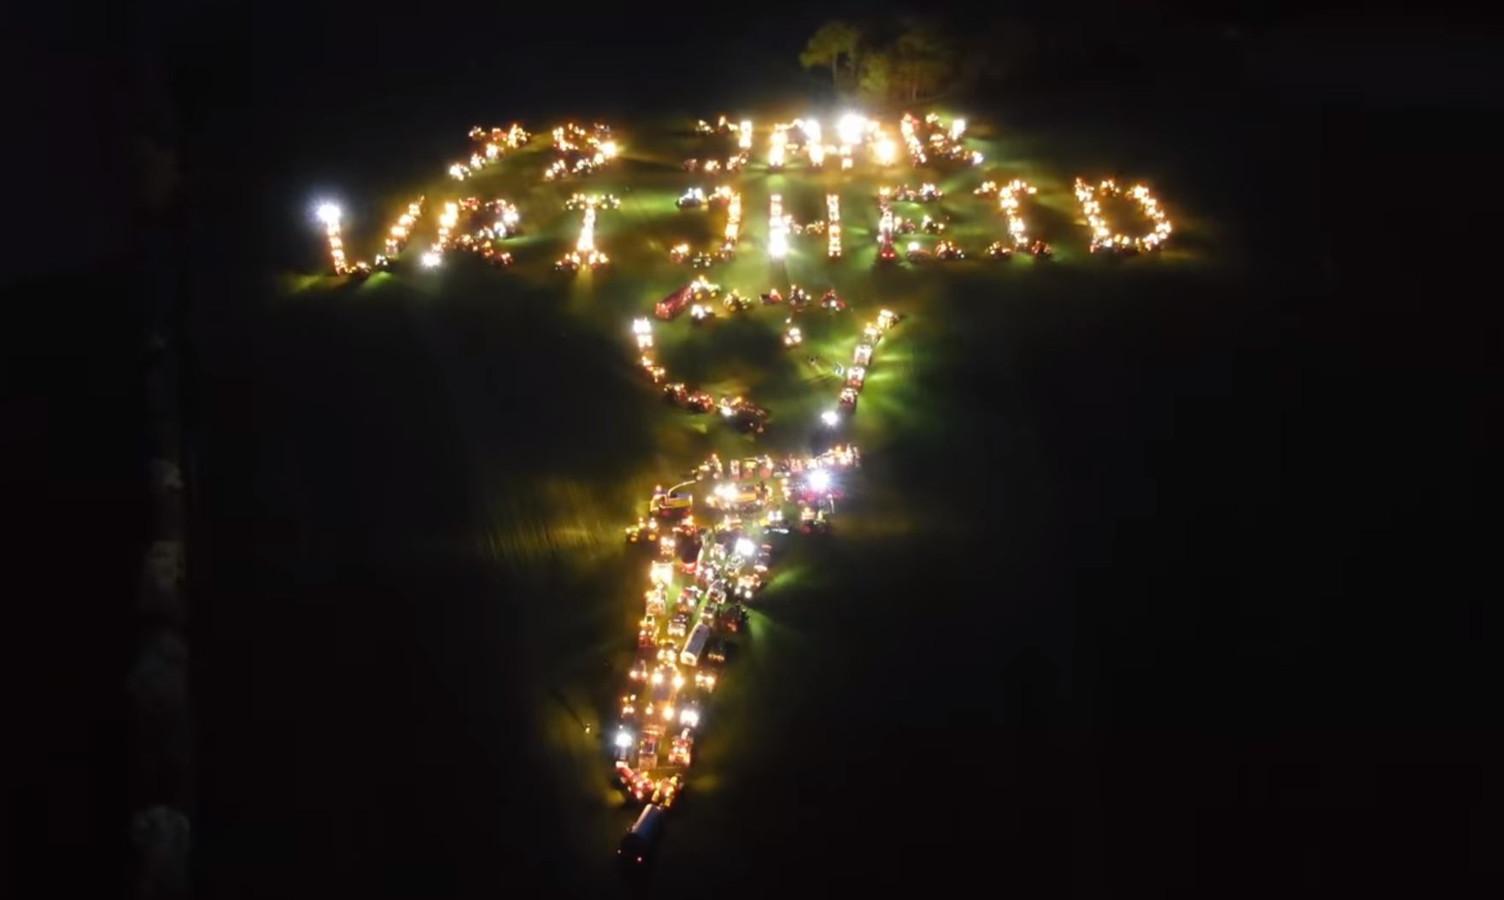 Zo'n 250 agrariërs vormden met hun trekkers in Mariënvelde het symbool van de vrijheid. De actie kan de boeren een flinke boete opleveren.